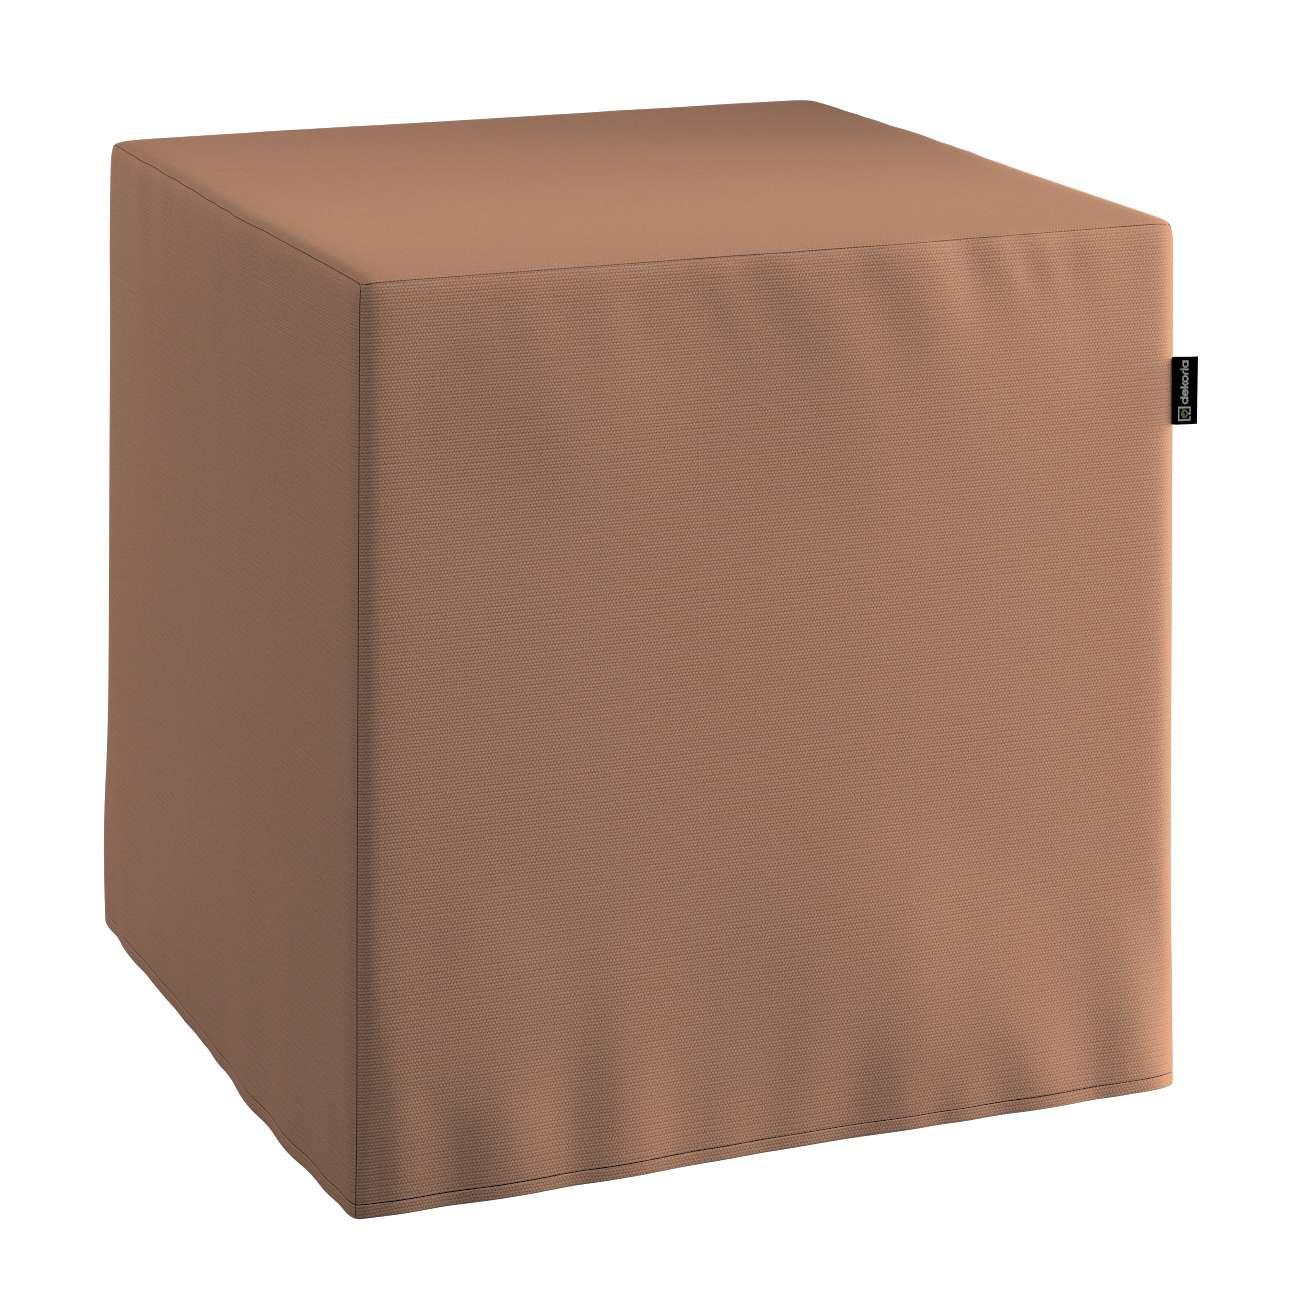 Sedák Cube - kostka pevná 40x40x40 v kolekci Cotton Panama, látka: 702-02